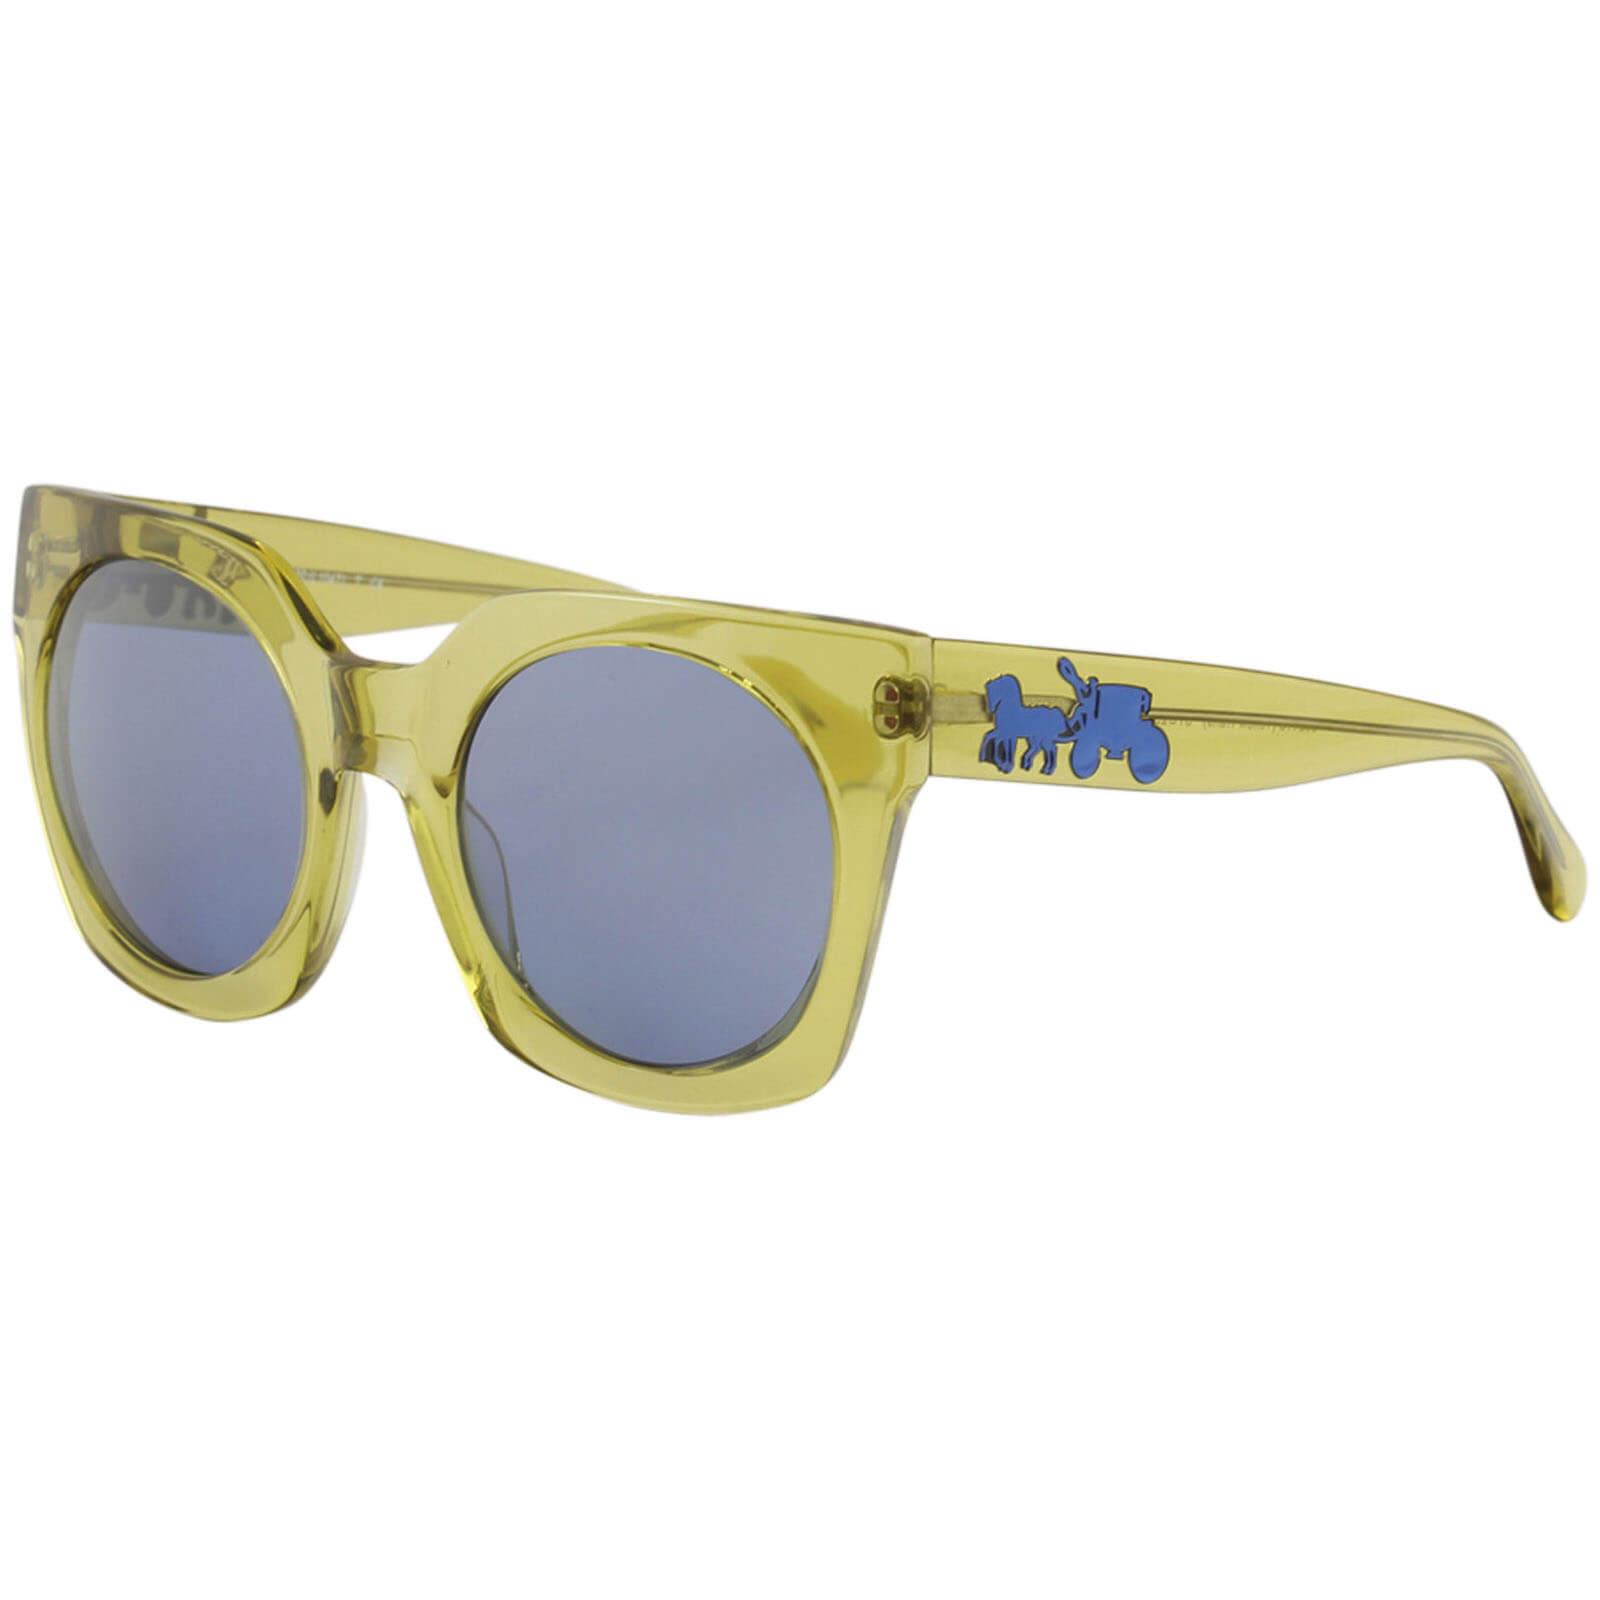 e0c8508e0ede Coach Women's HC8250 8250 55241U Transparent Yellow Sunglasses